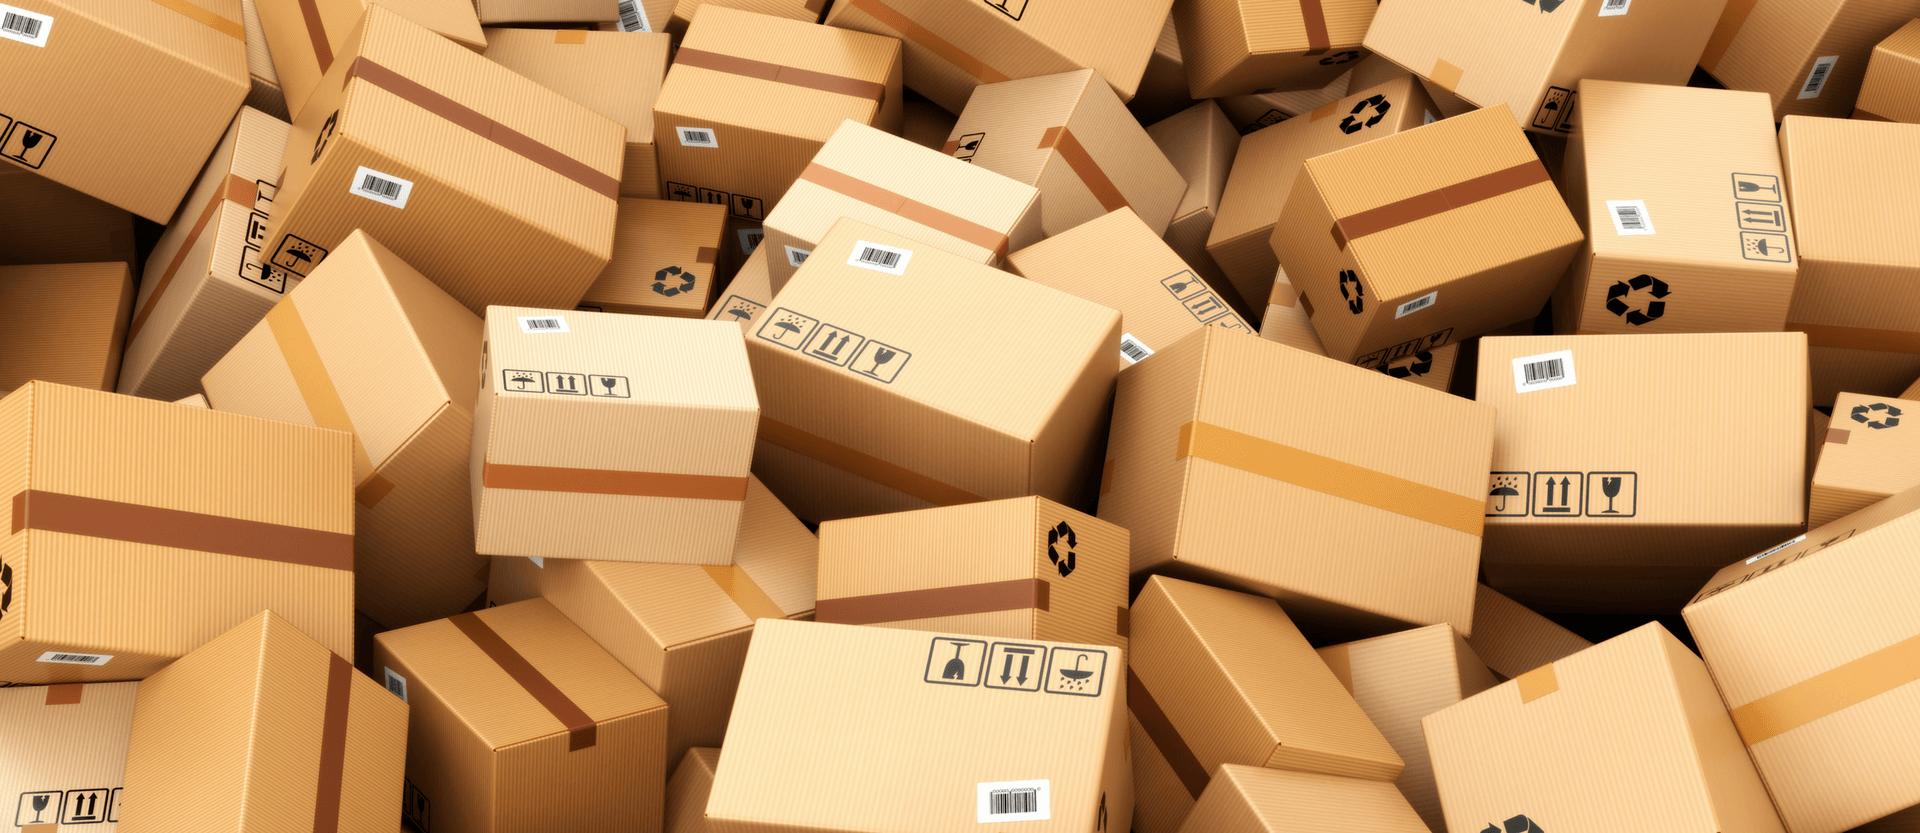 Smart packaging